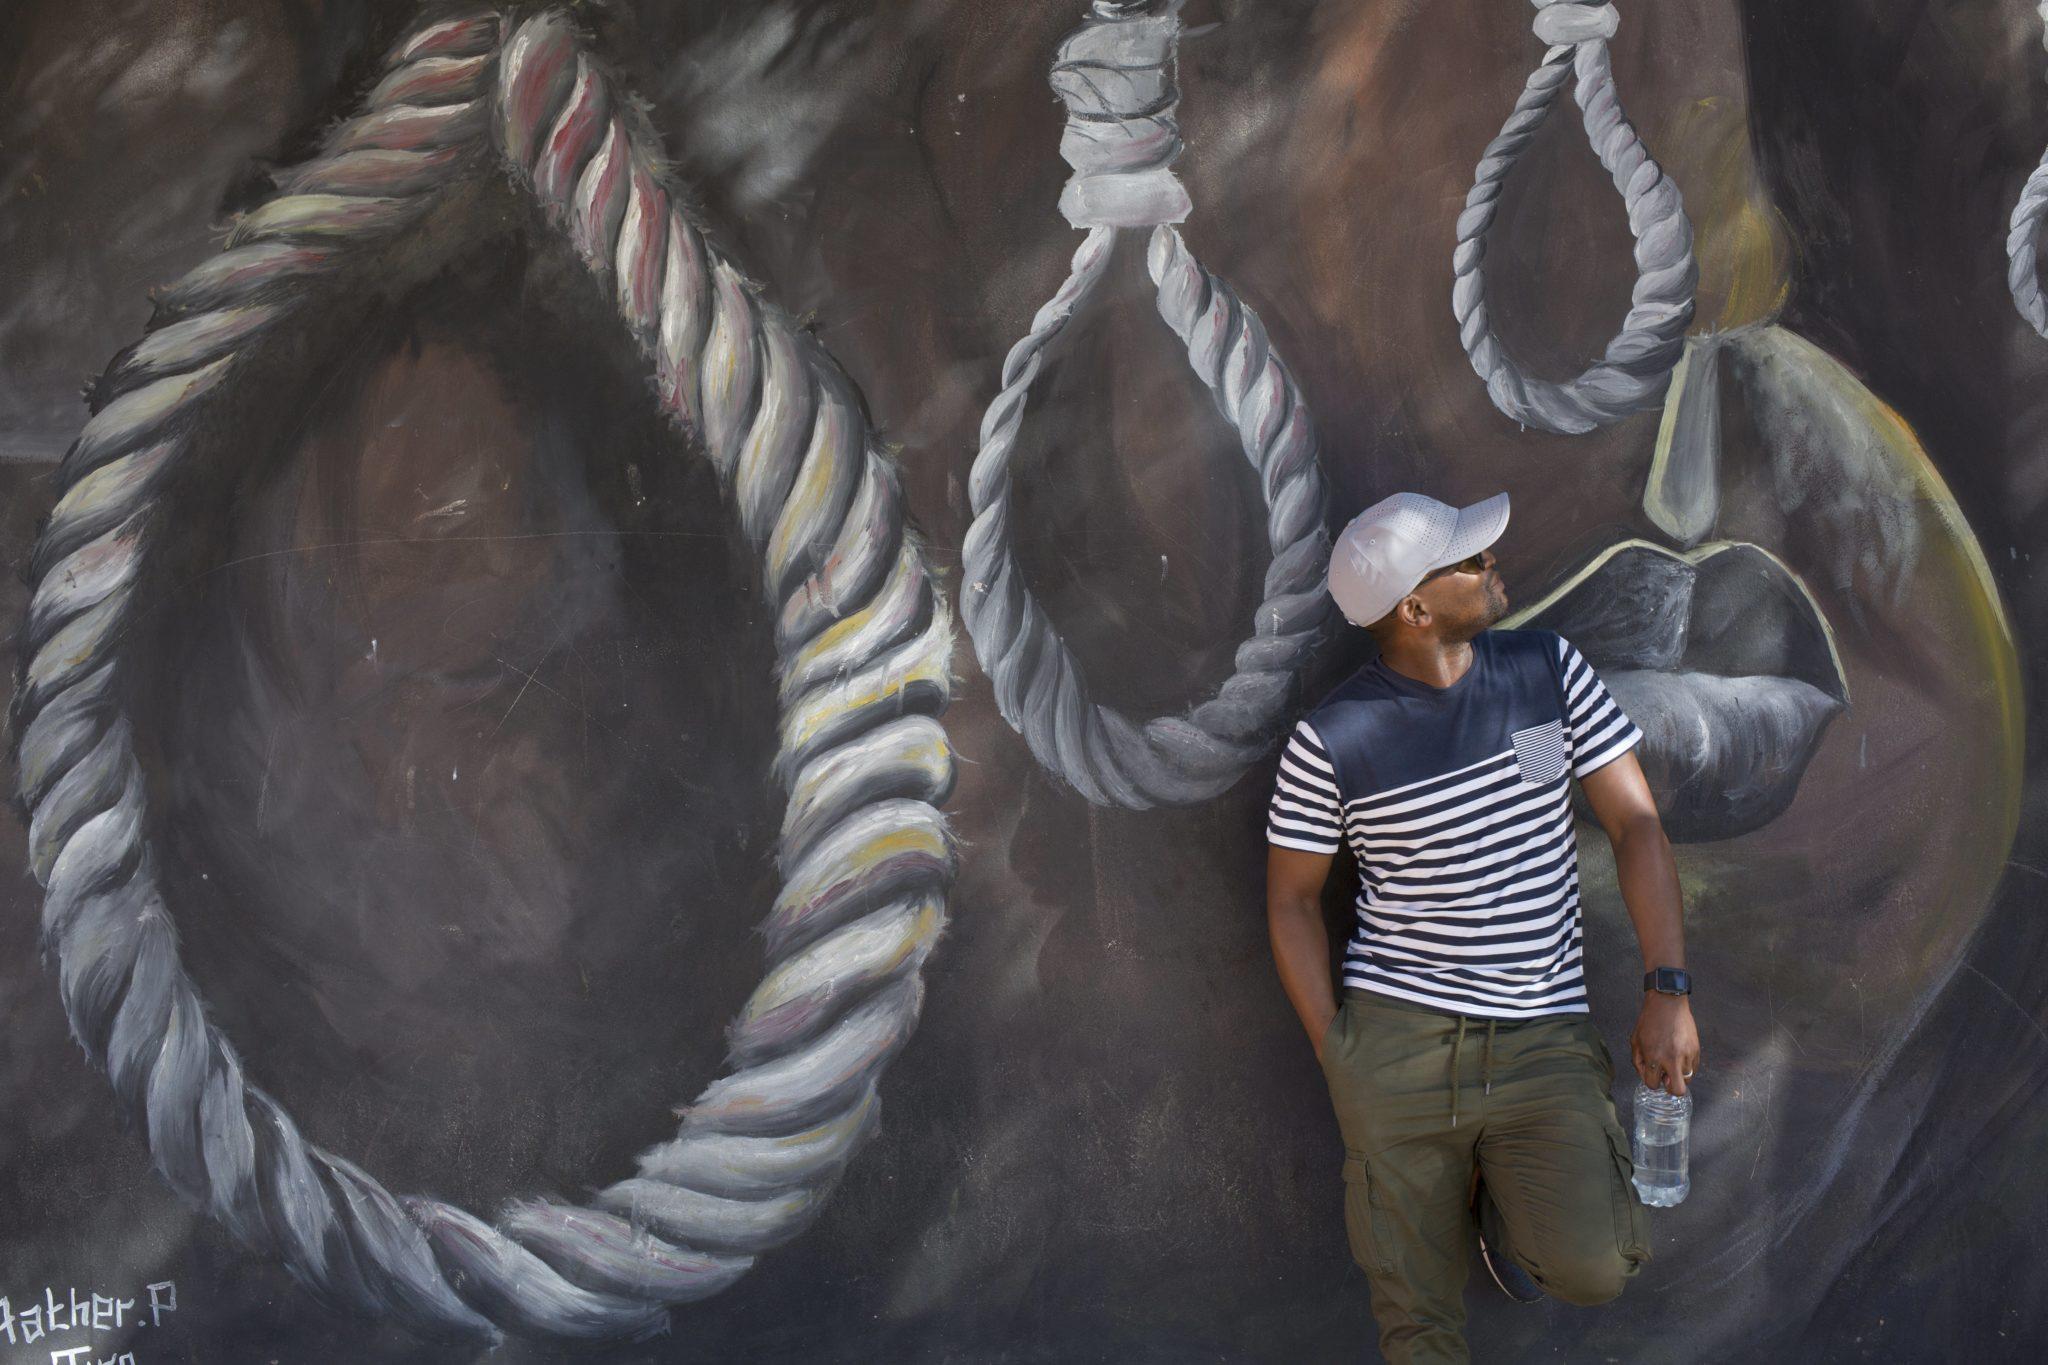 Republika Południowej Afryki: obchody Dnia Praw Człowieka w Sharpeville (foto. PAP/EPA/Cornell Tukiri)